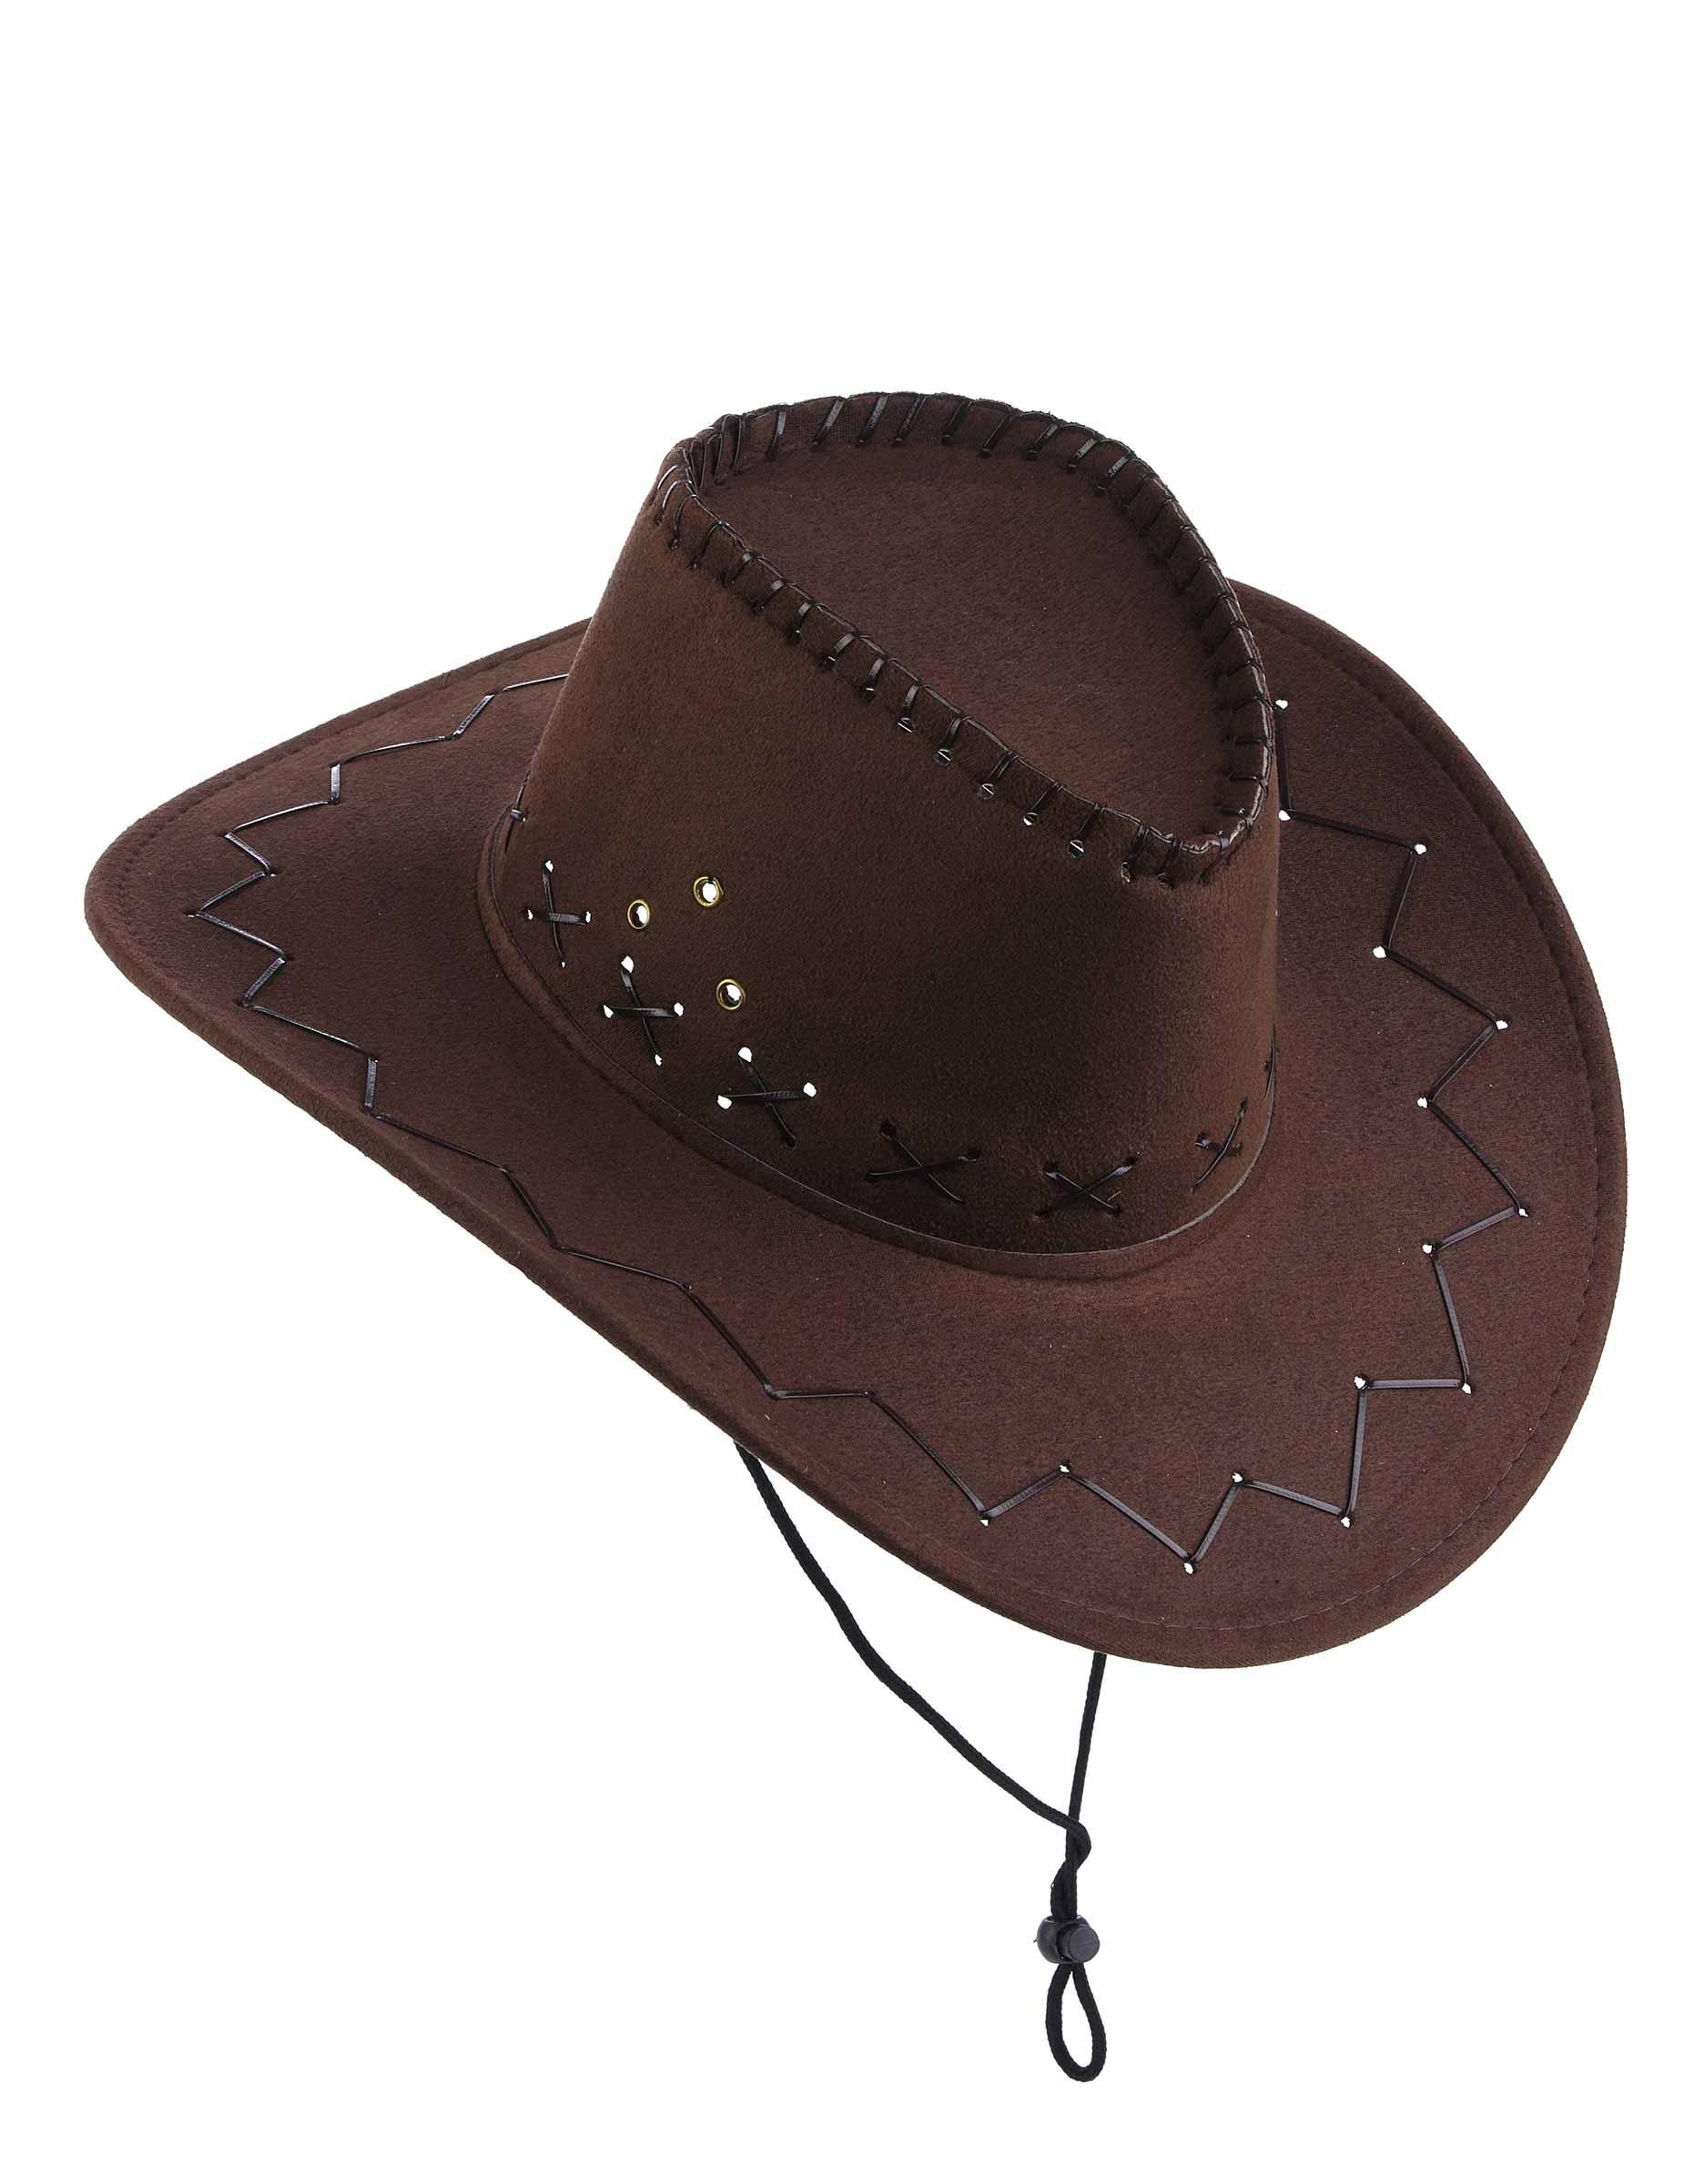 Sombrero marrón de vaquero adulto ff361032096